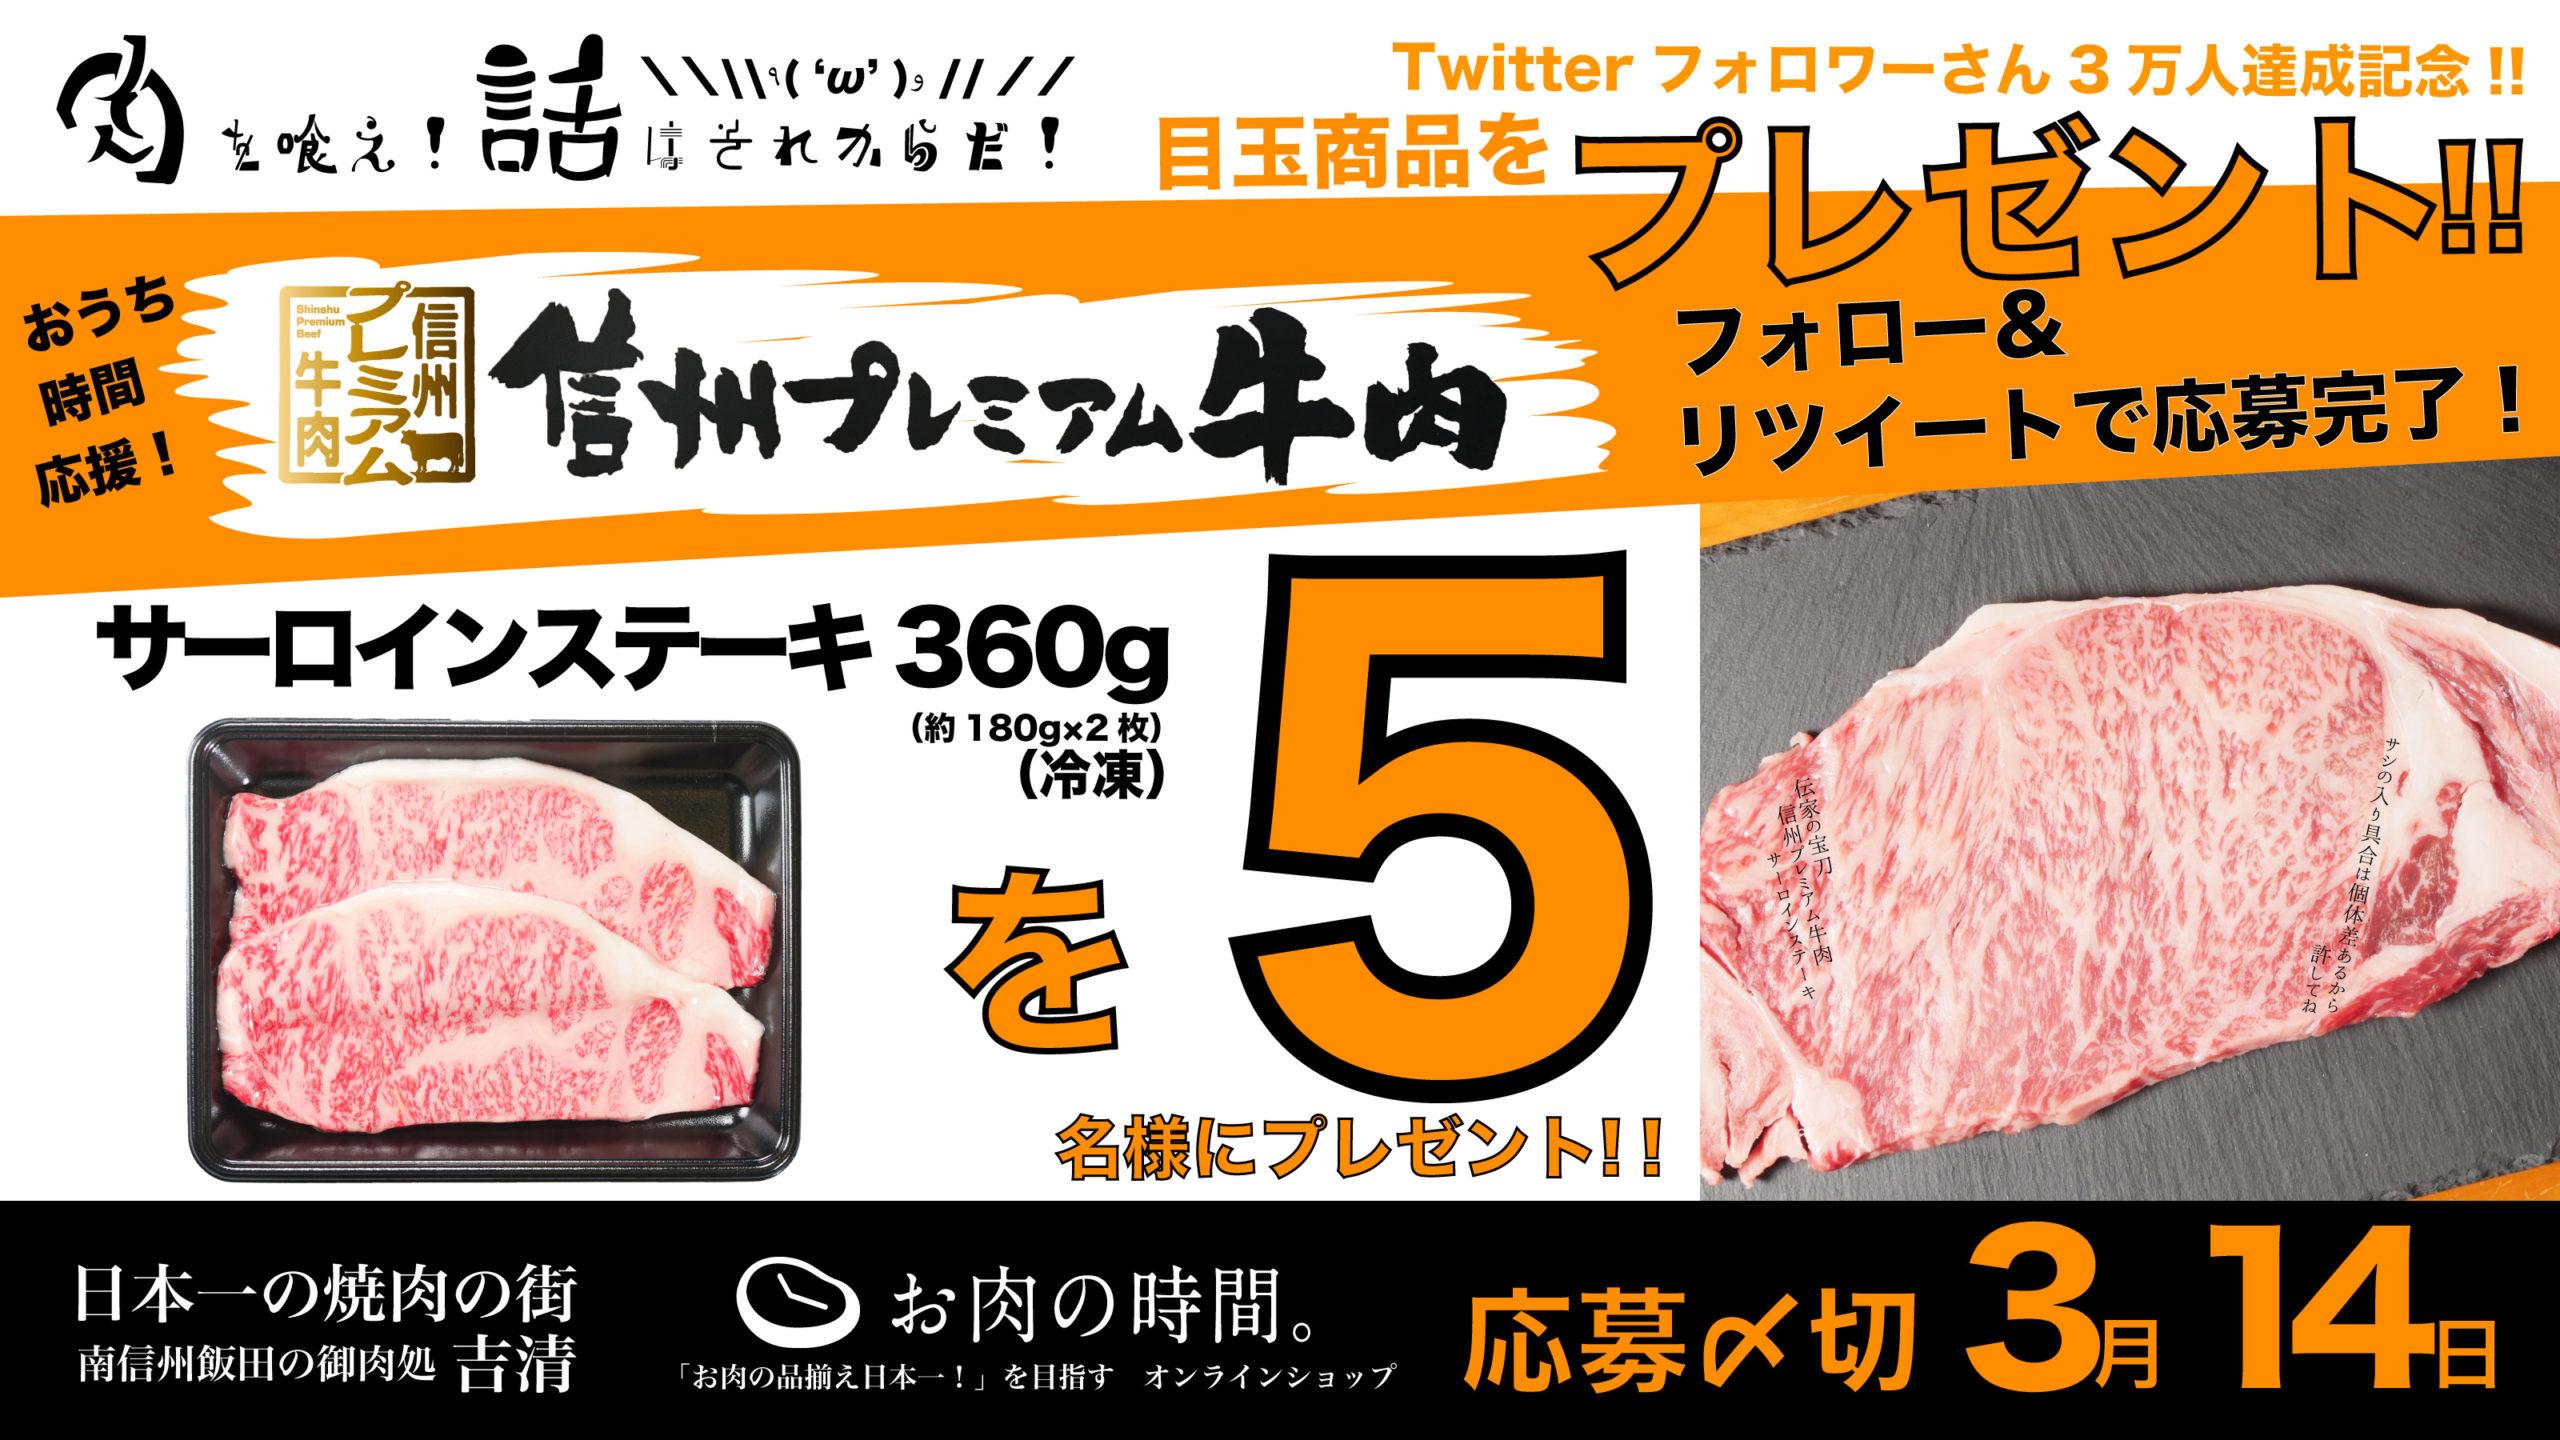 3/12正午より!Twitterフォロワー3万人達成記念キャンペーン!